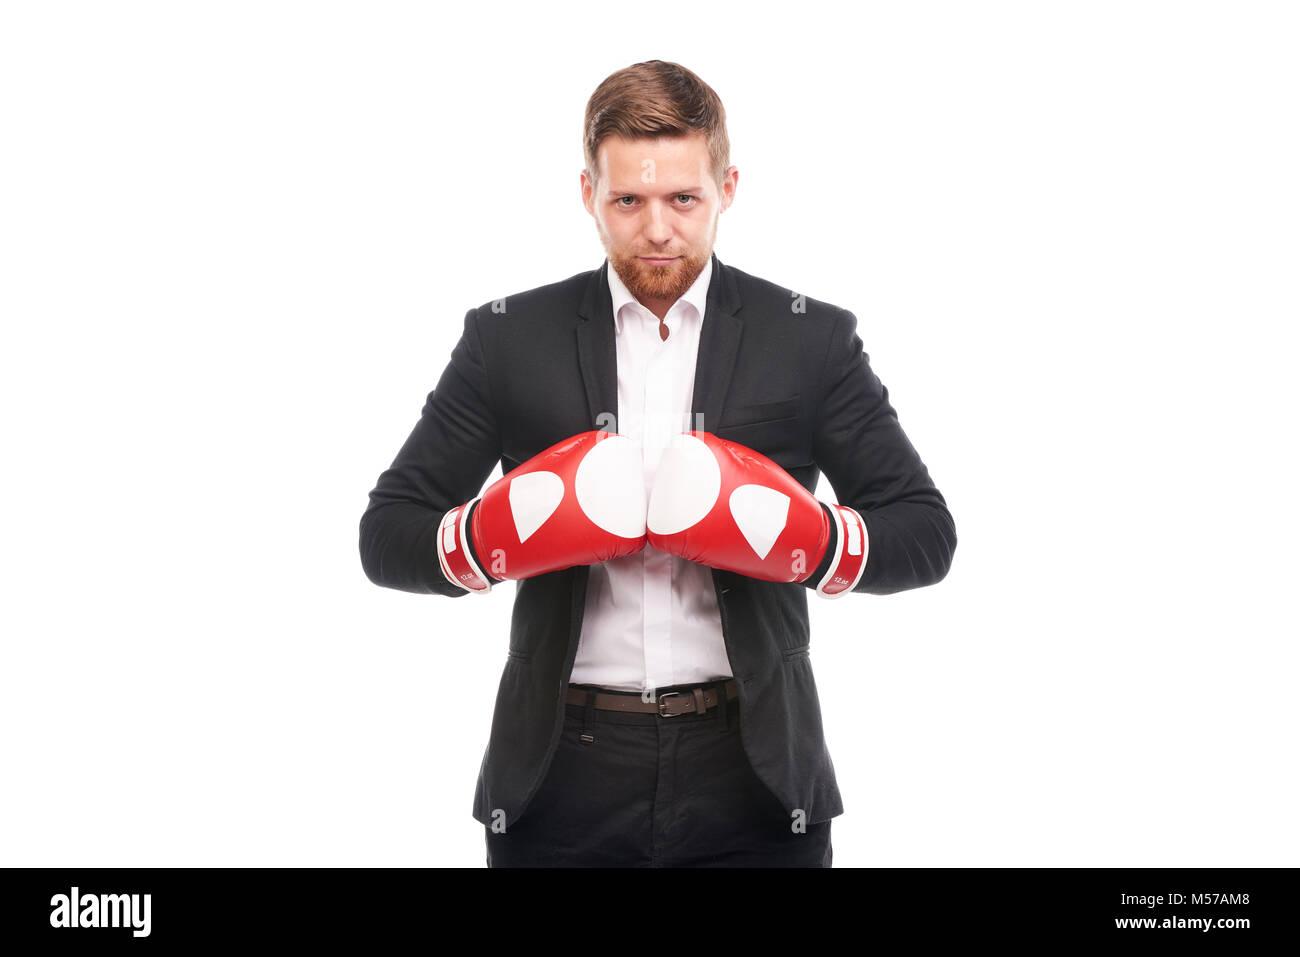 Empresario de guantes de boxeo Imagen De Stock